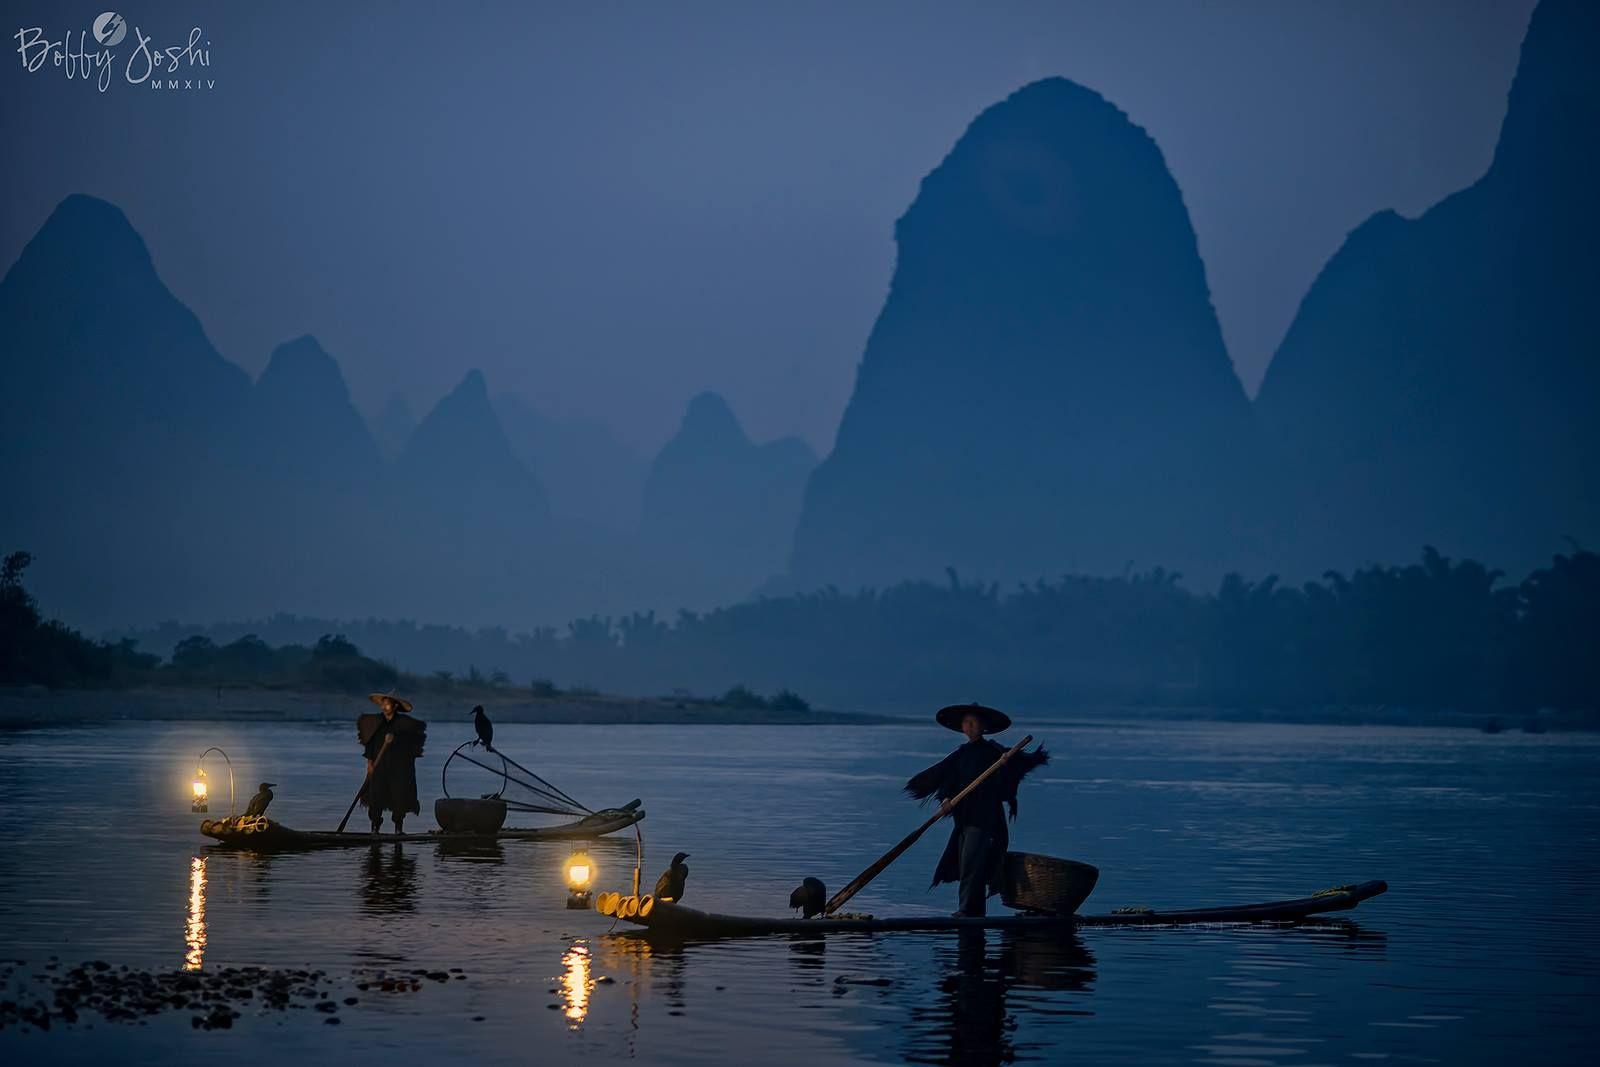 Bobby Joshi Photography in Xingping   -   What night brings..........(Xingping | China)